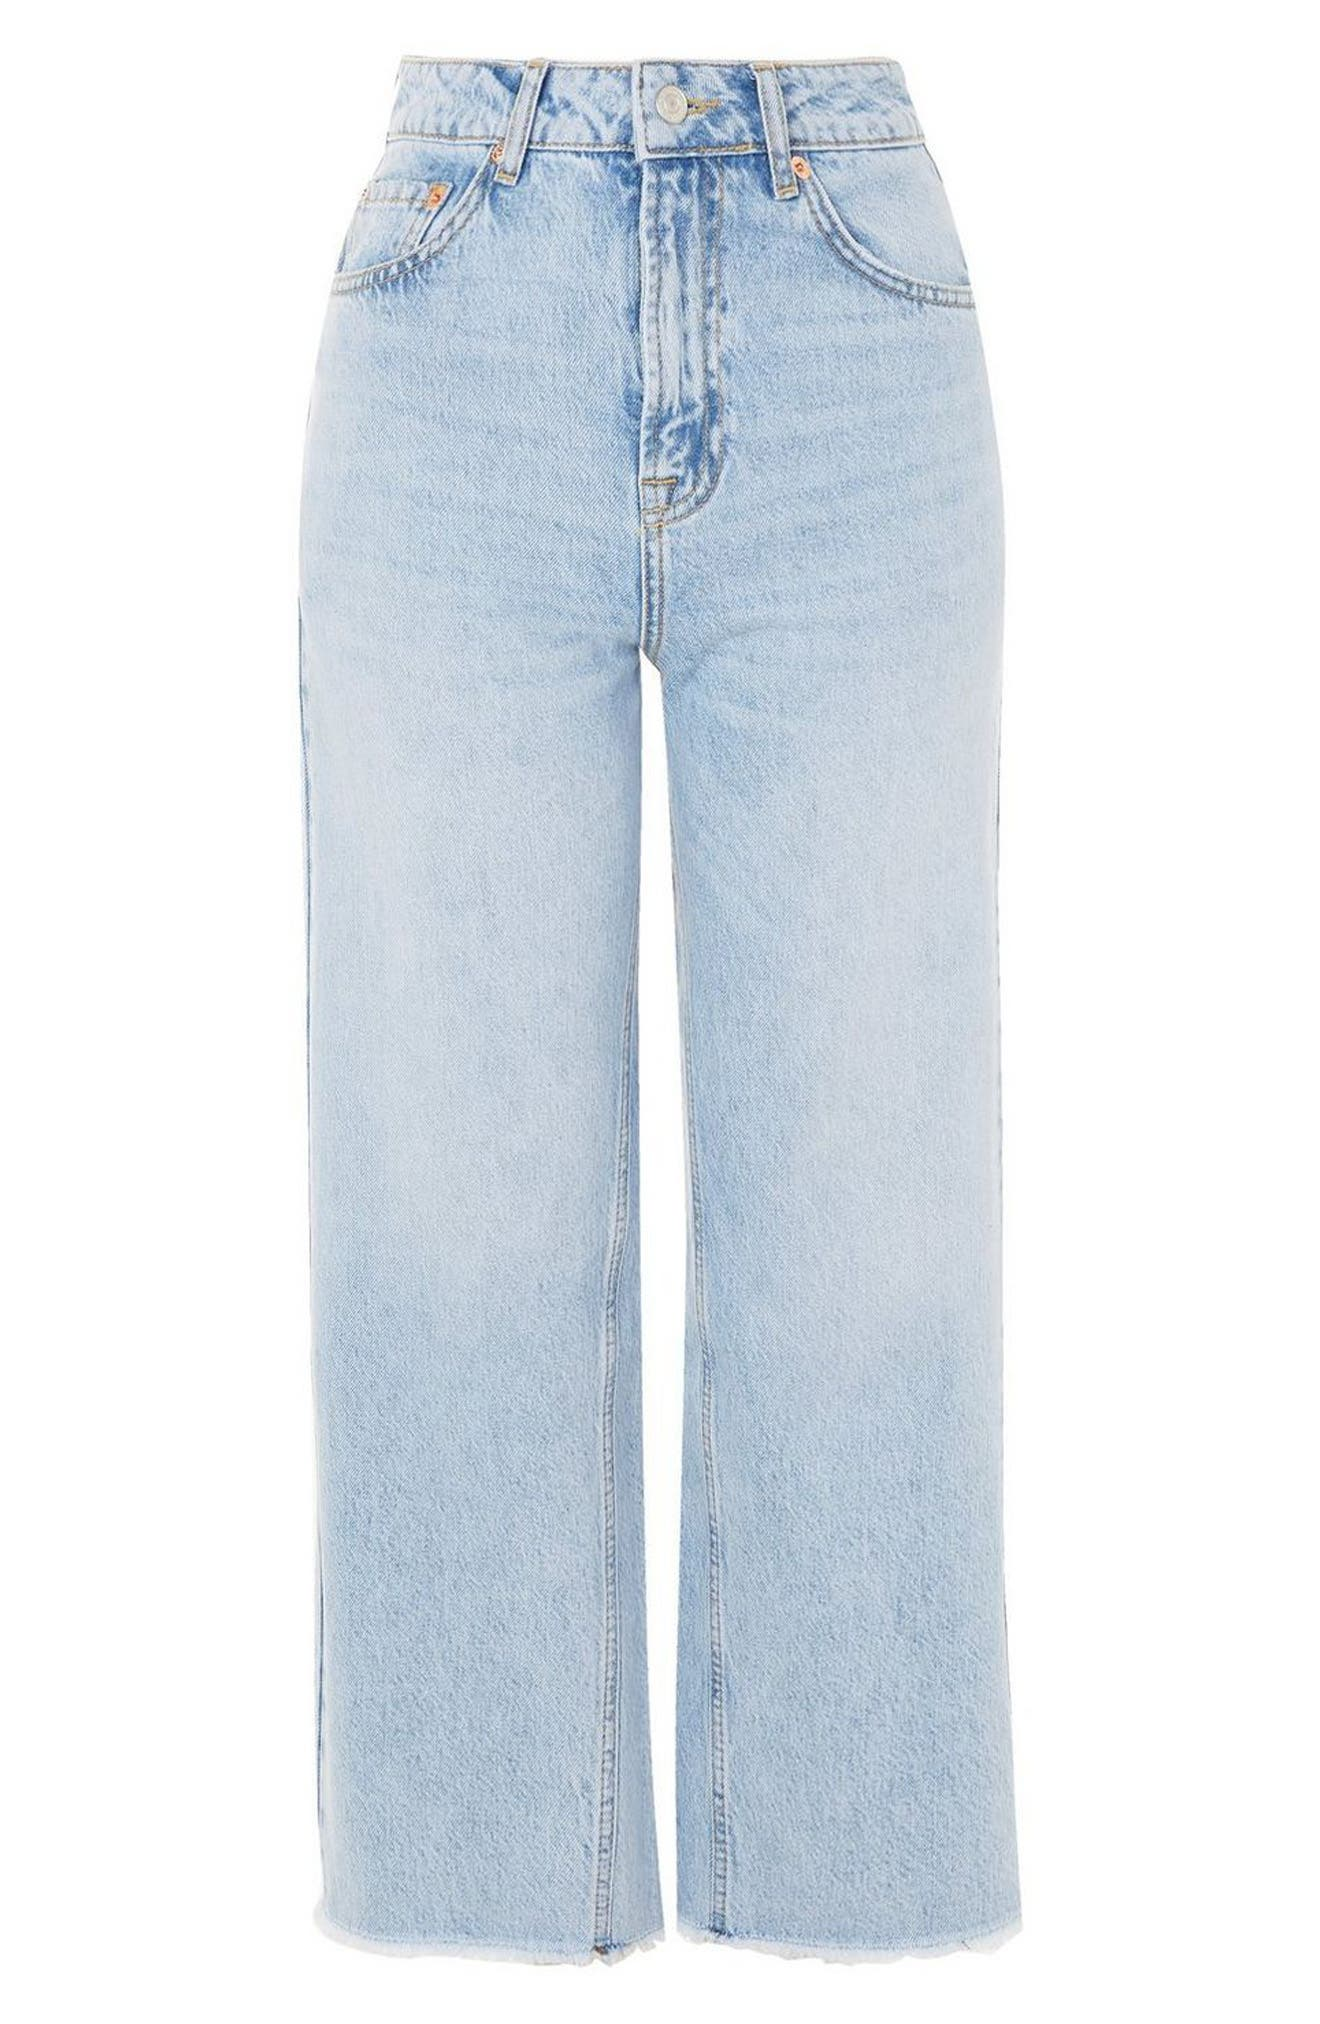 TOPSHOP,                             MOTO Wide Leg Crop Non-Stretch Jeans,                             Alternate thumbnail 3, color,                             450